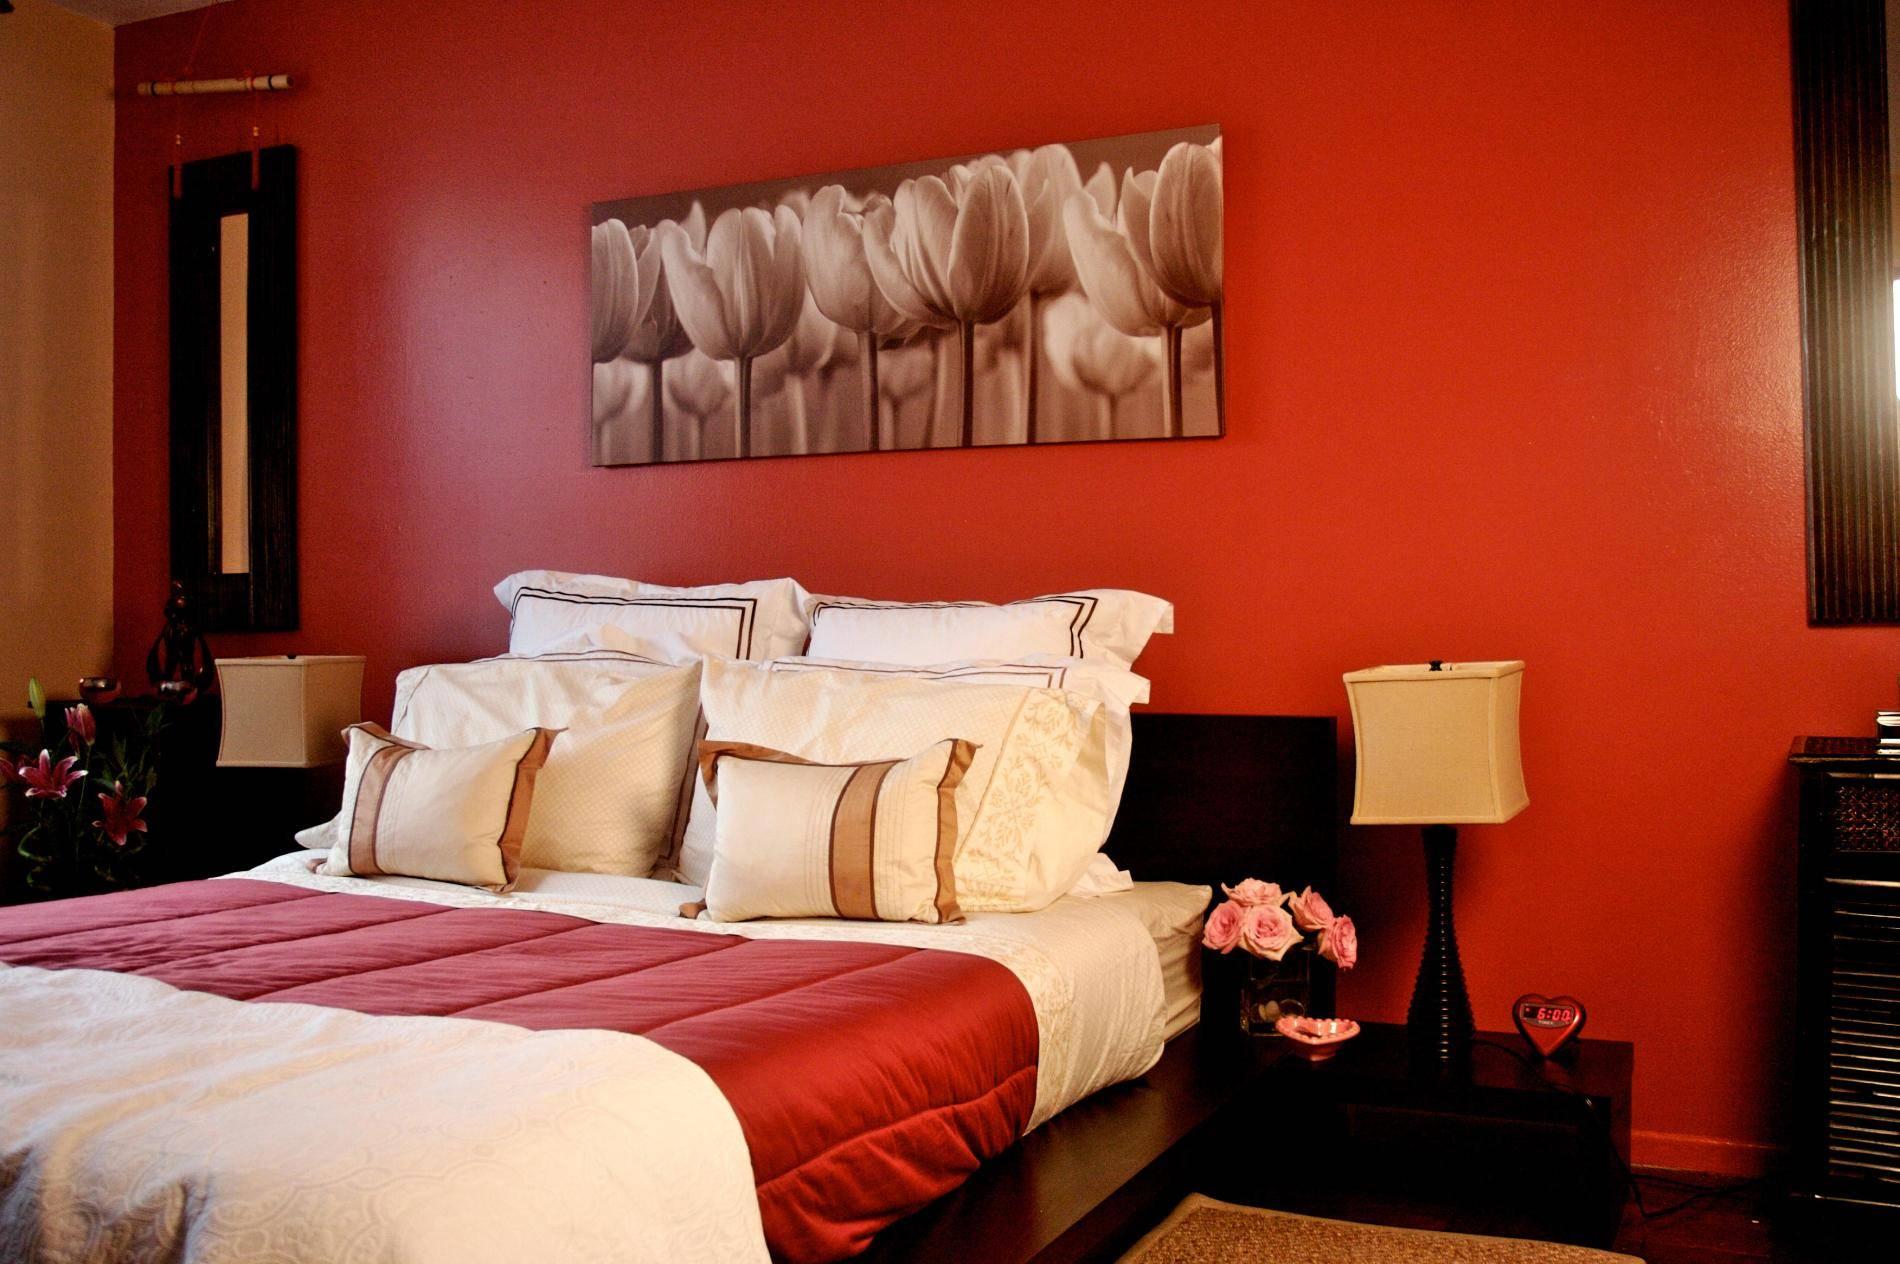 Красная стена и плед в спальной комнате